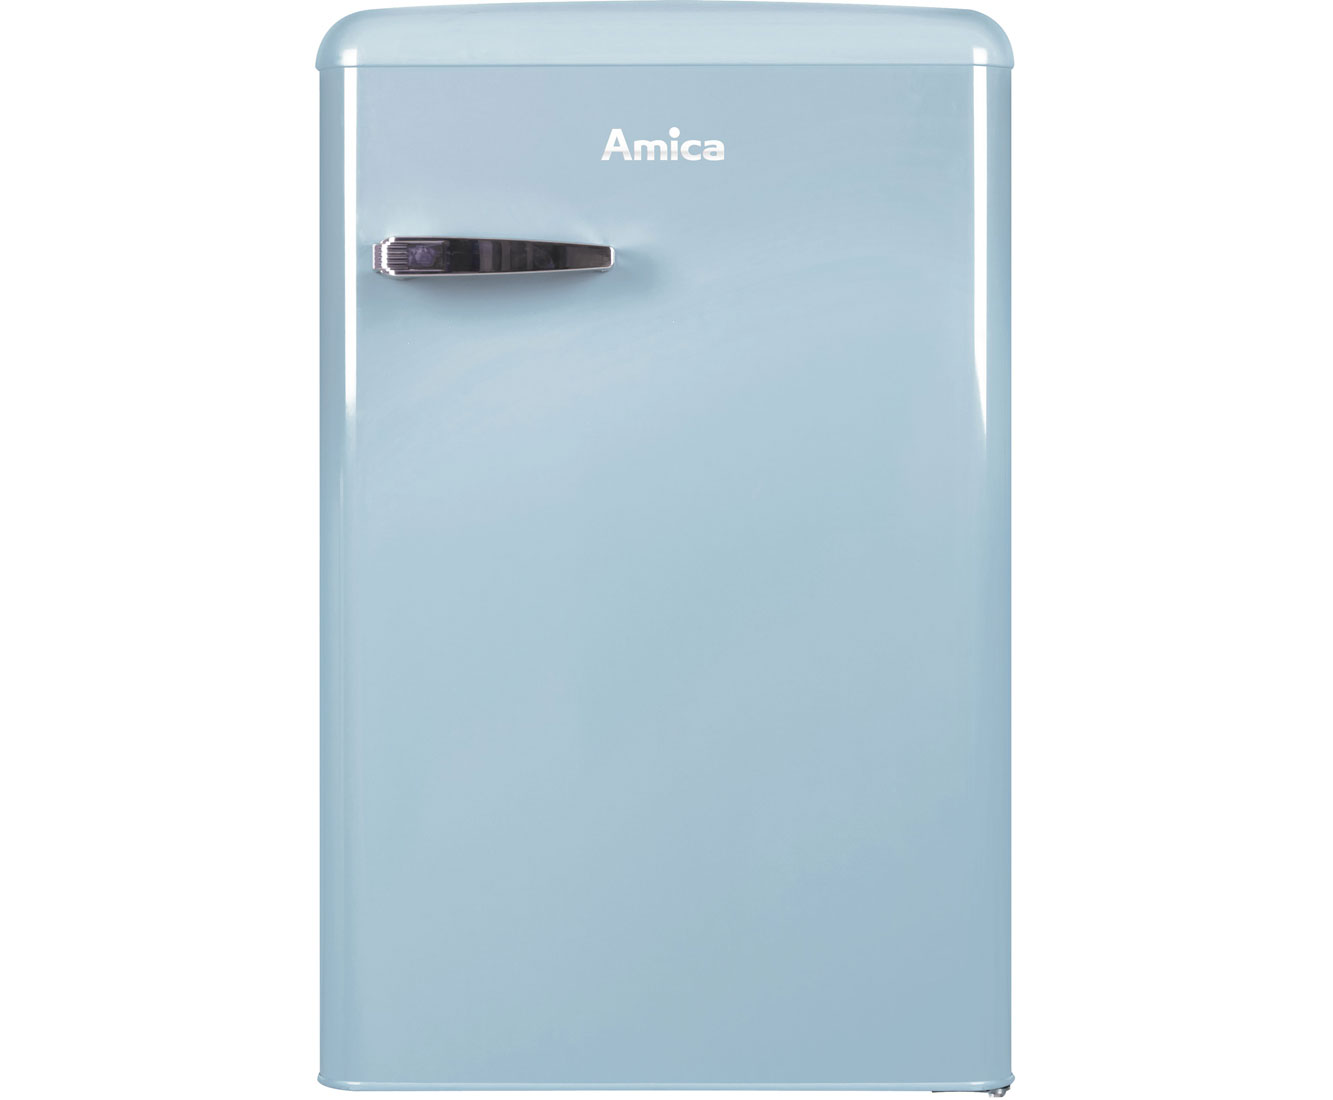 Amica Kühlschrank Flaschenfach : Amica kühlschrank flaschenhalter flaschenfächer für gefriergeräte